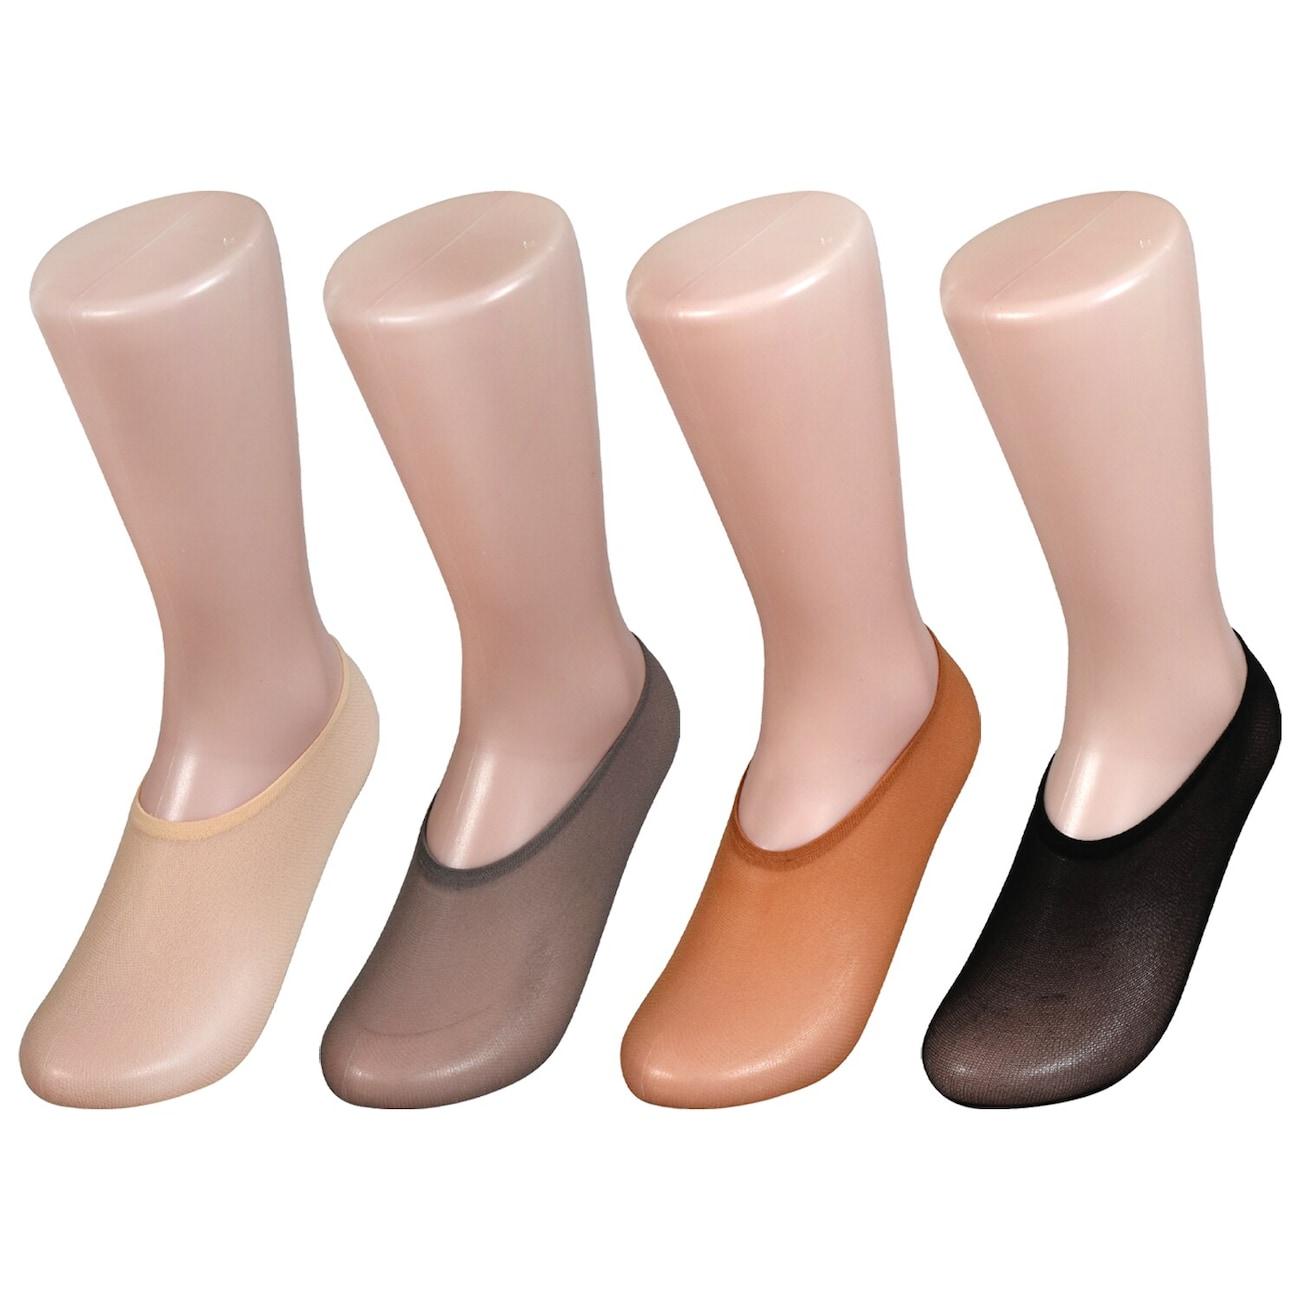 ef933feb9 Chatties Ladies  size 9-11 No-Show Liner Socks